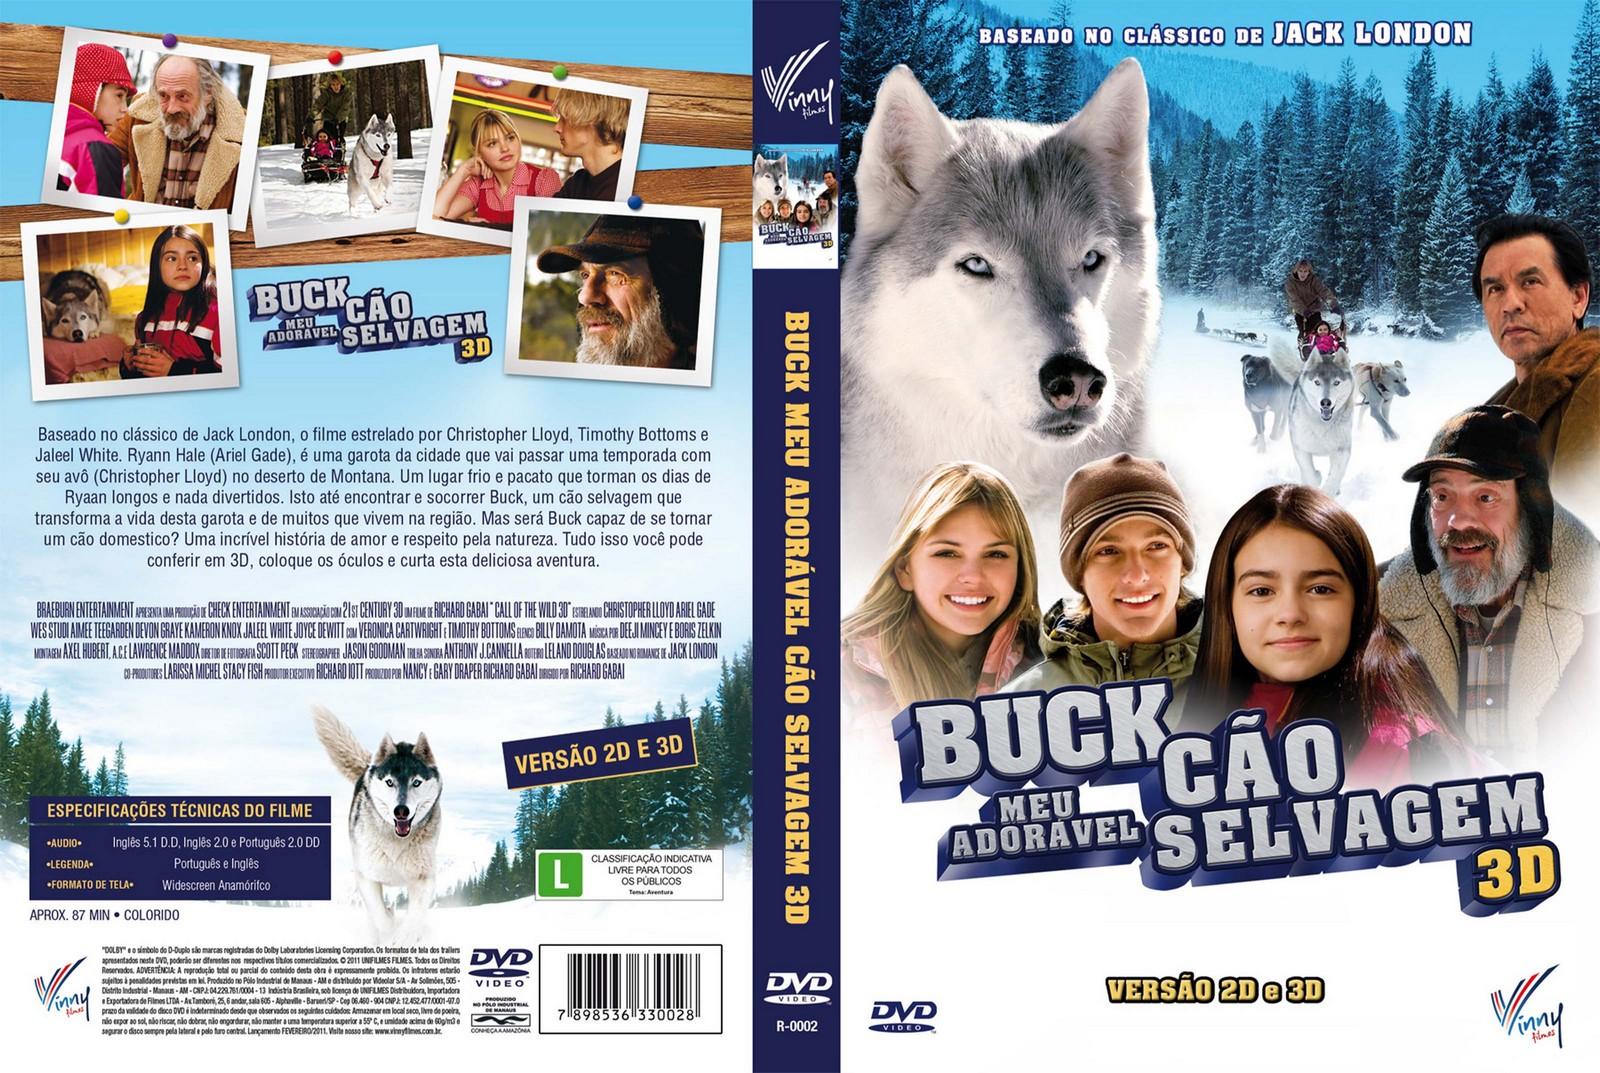 http://2.bp.blogspot.com/-05jwmafqQ5k/TVVO24XzCdI/AAAAAAAABo4/s8cuGQzroJg/s1600/Buck+Meu+Adoravel+C%C3%A3o-Selvagem-3D.jpg